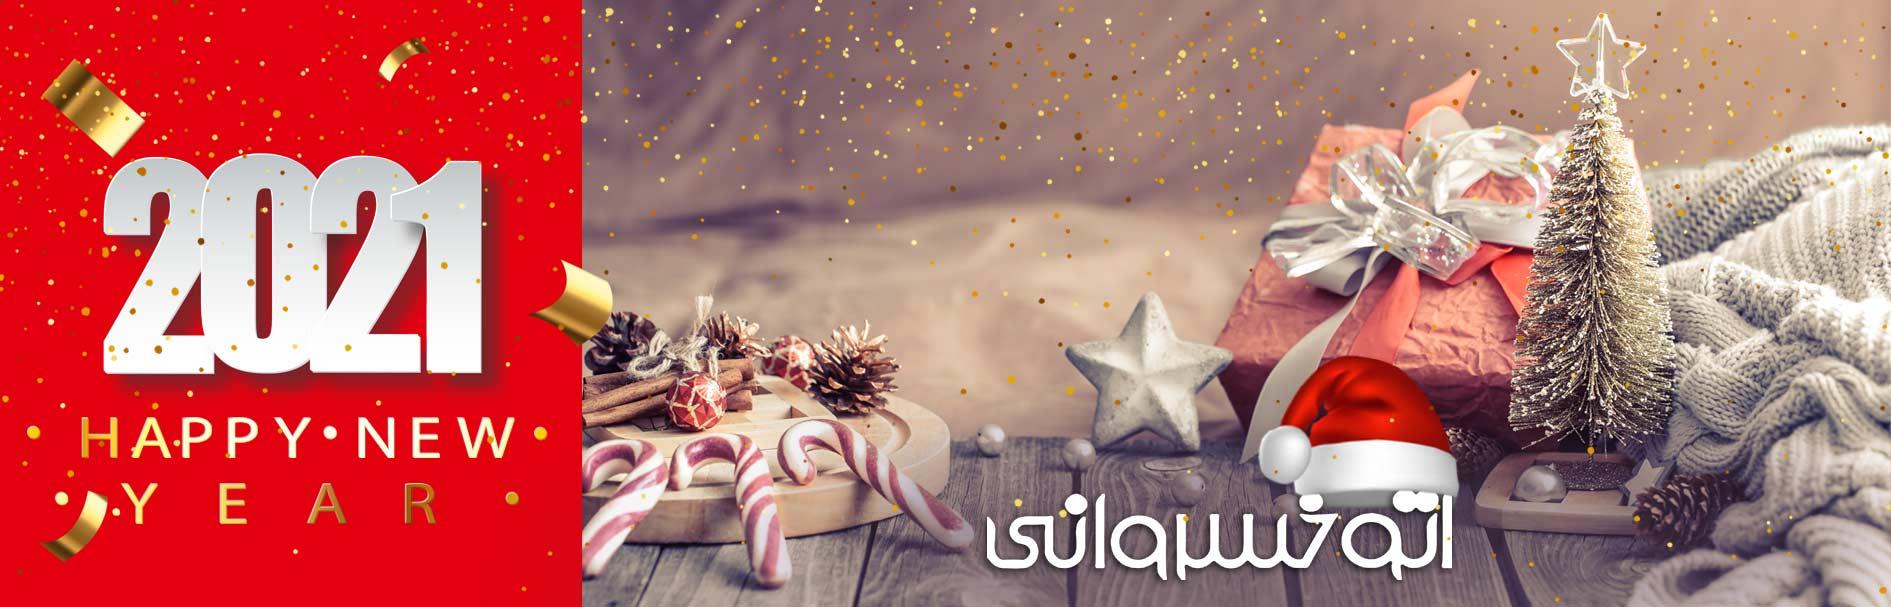 کریسمس اتوخسروانی